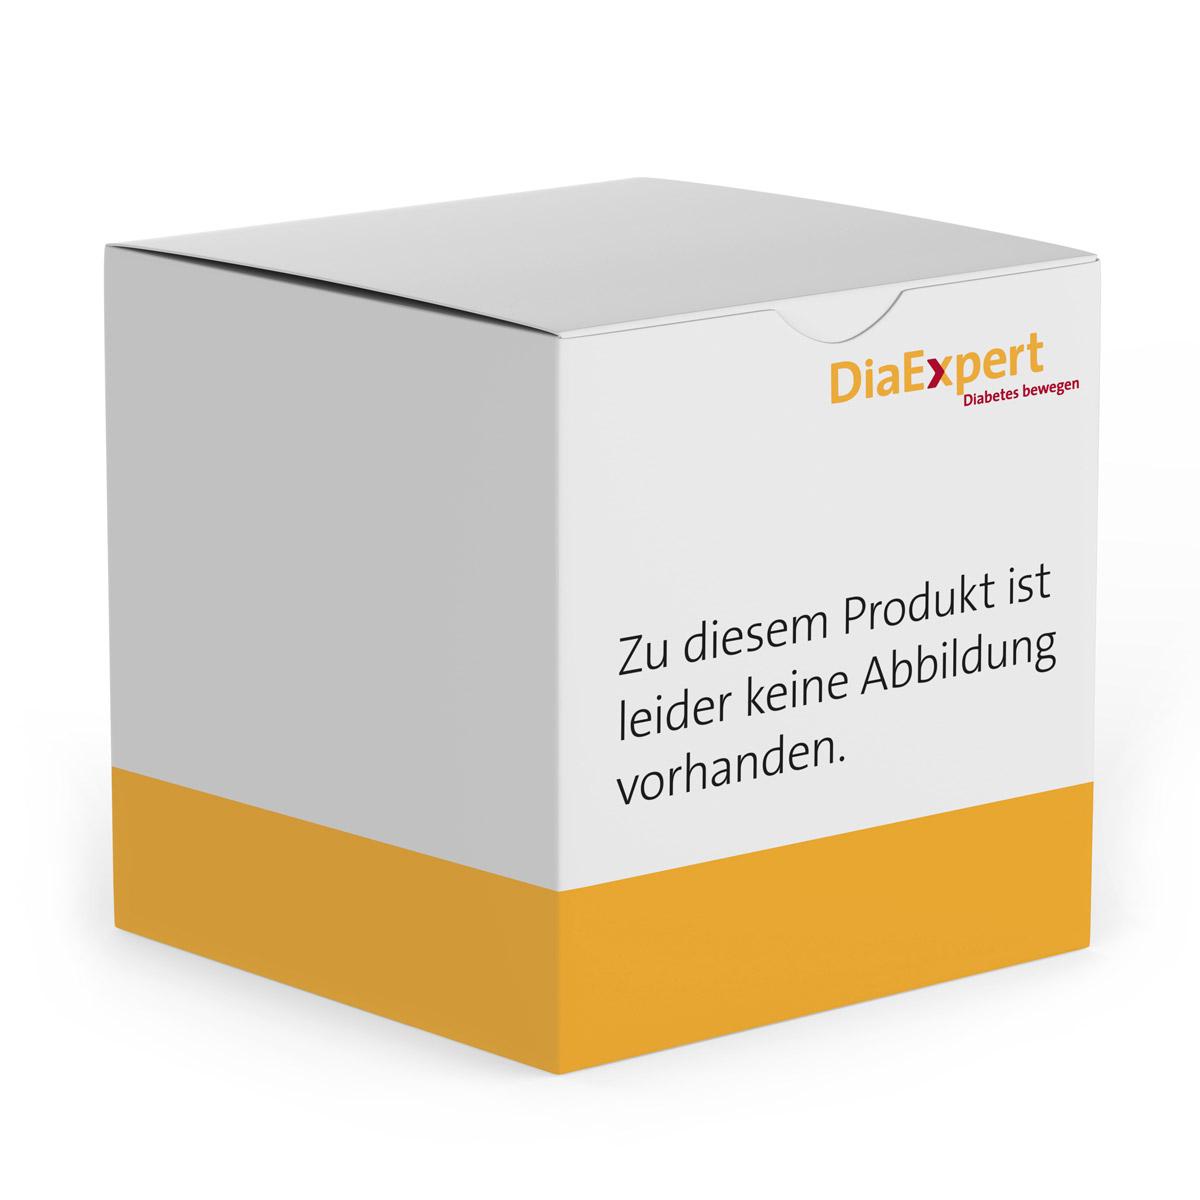 Frio-Kühltasche für Insulinpumpen 9 x 11 cm schwarz